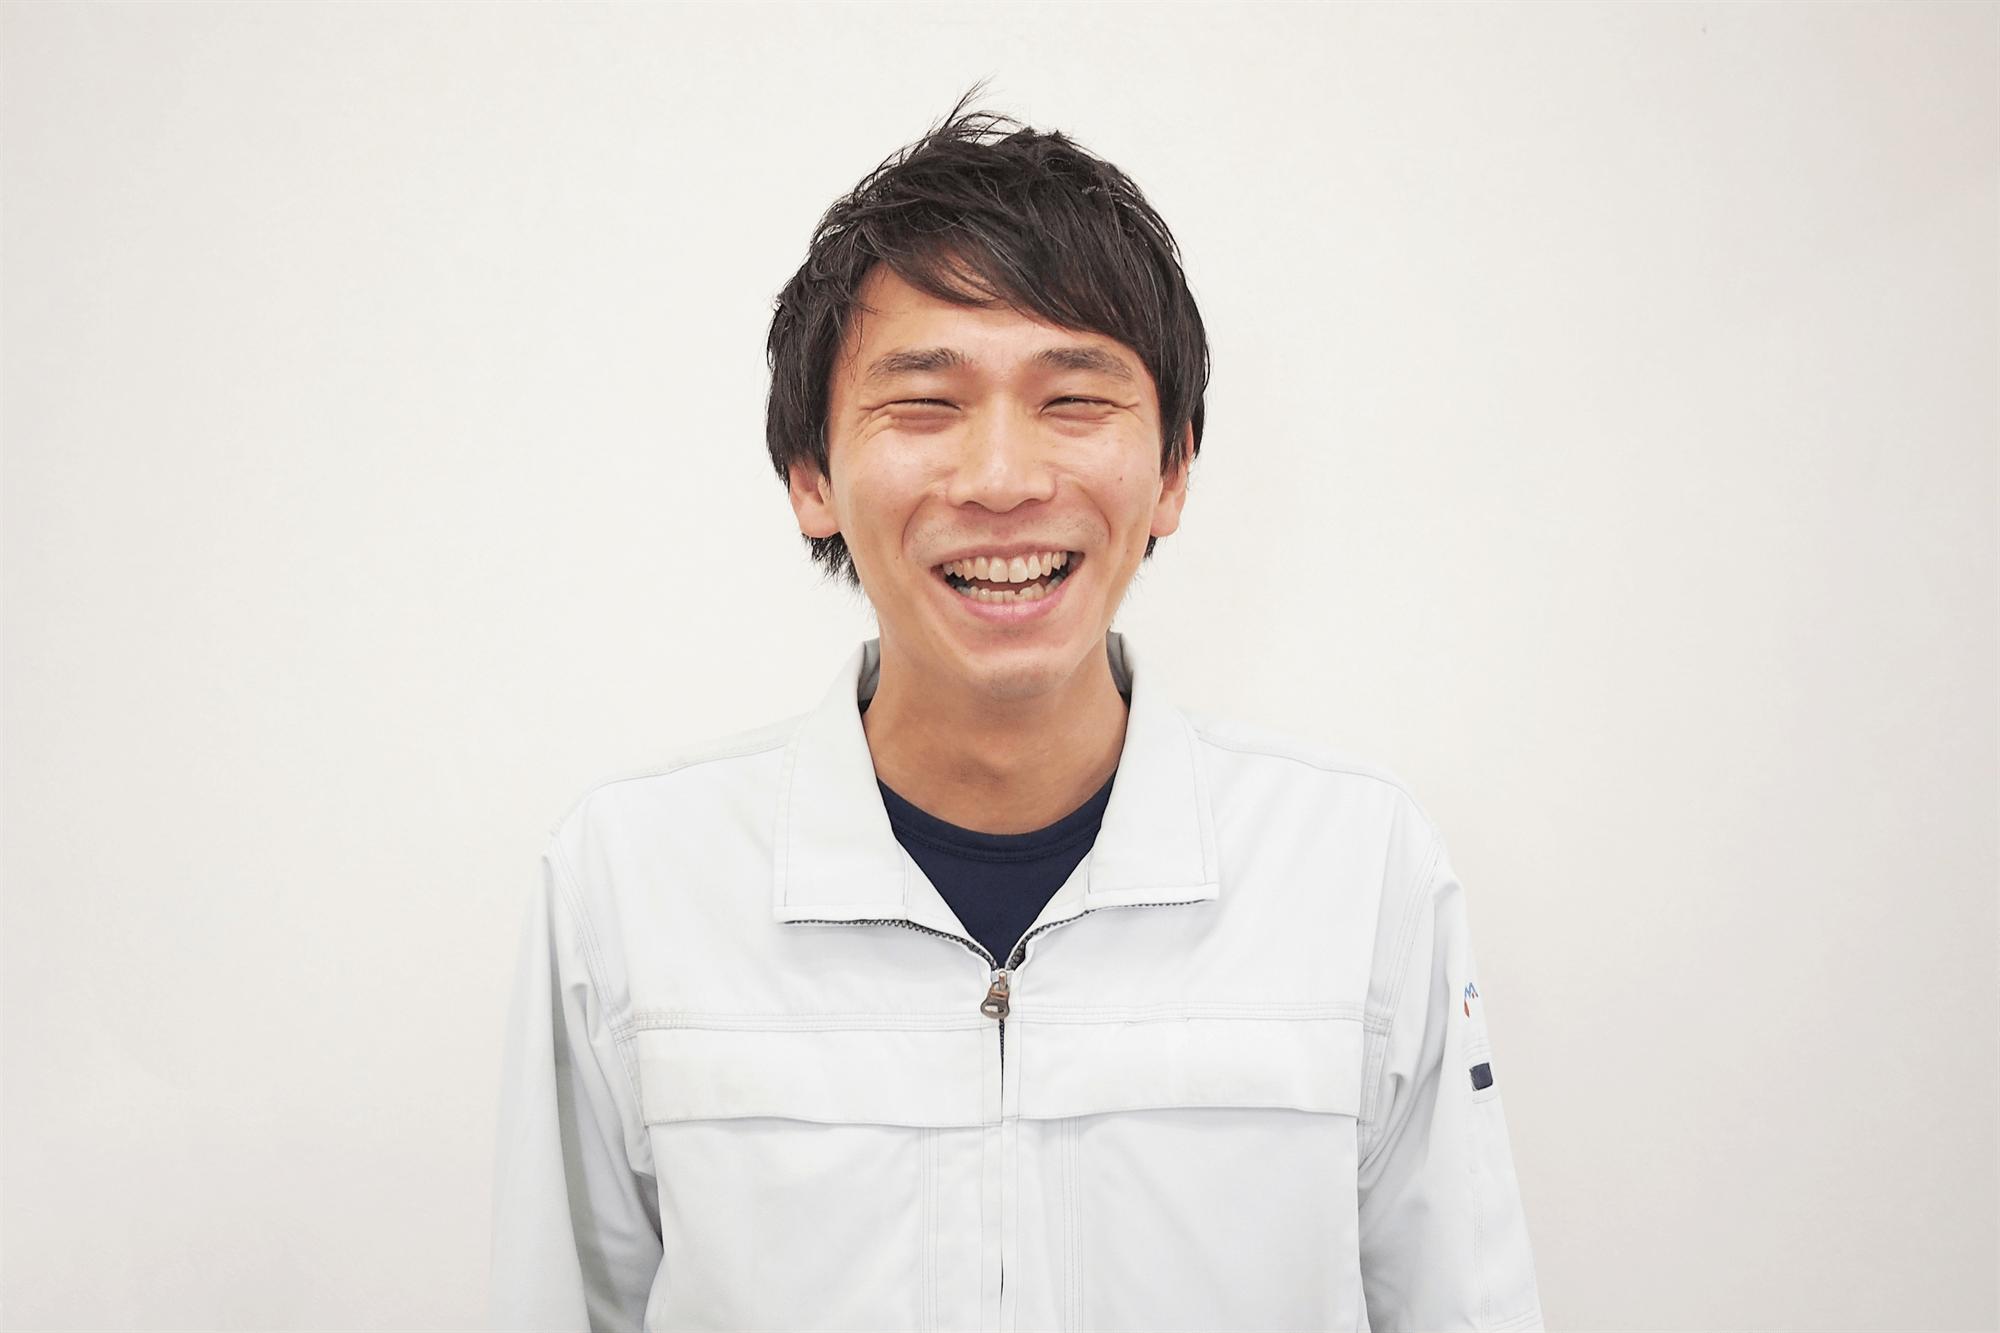 施工管理 山田 健士